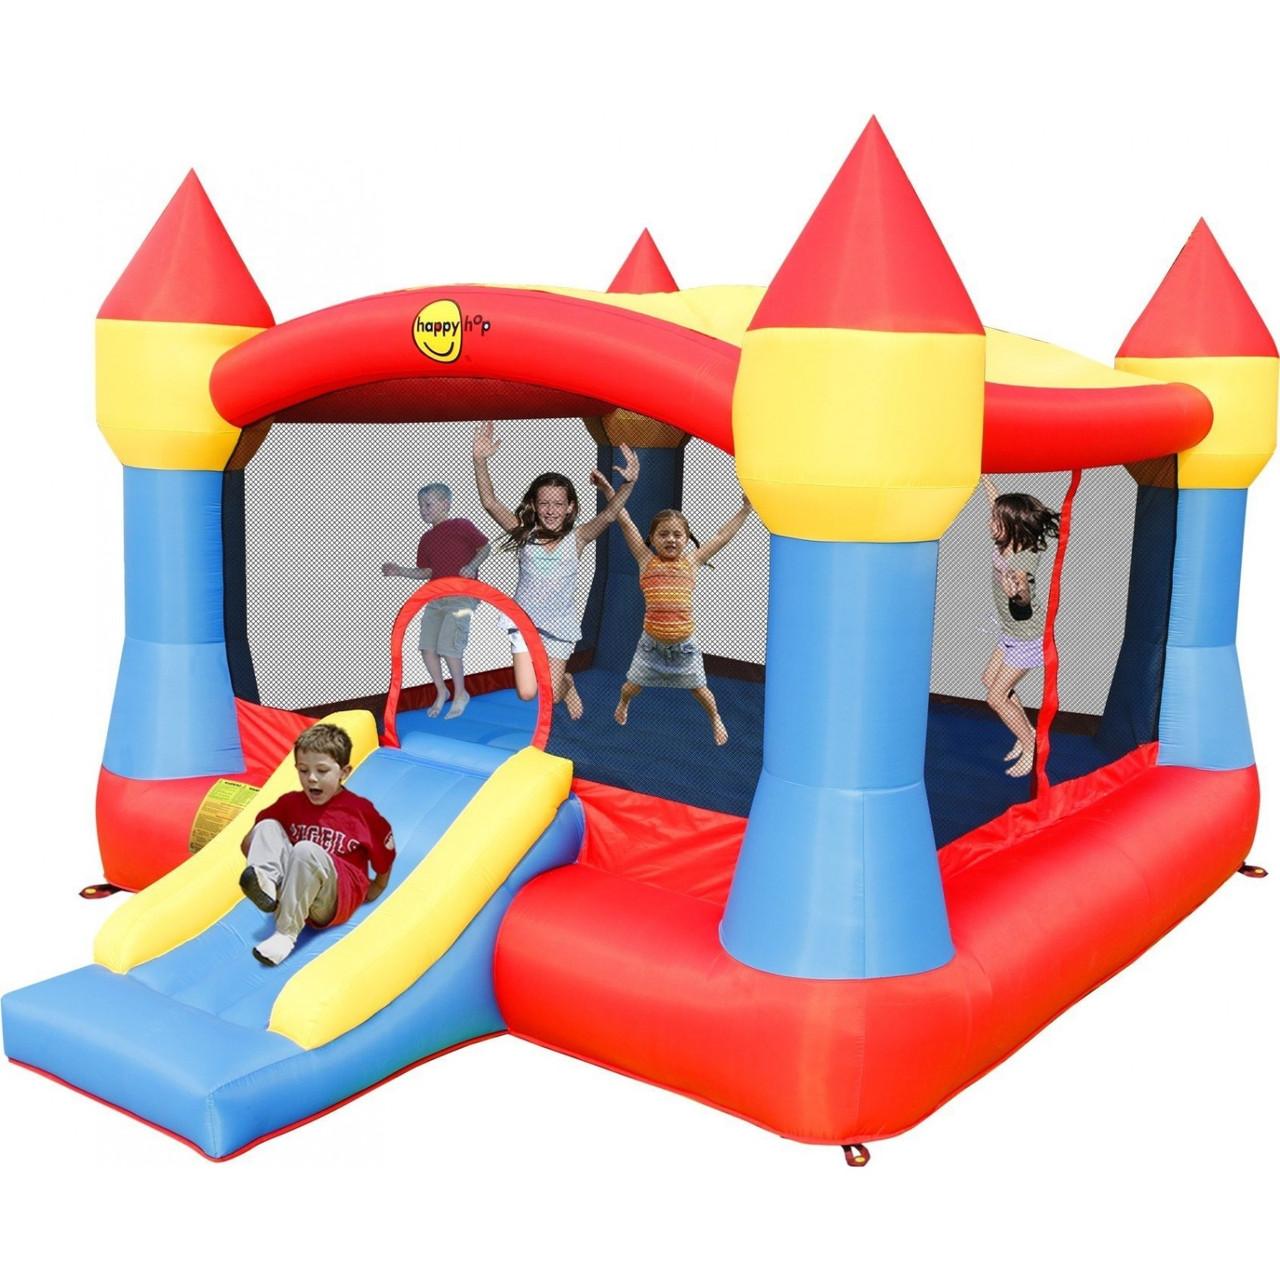 e9d775e70166 Детский надувной батут игровой центр аттракцион